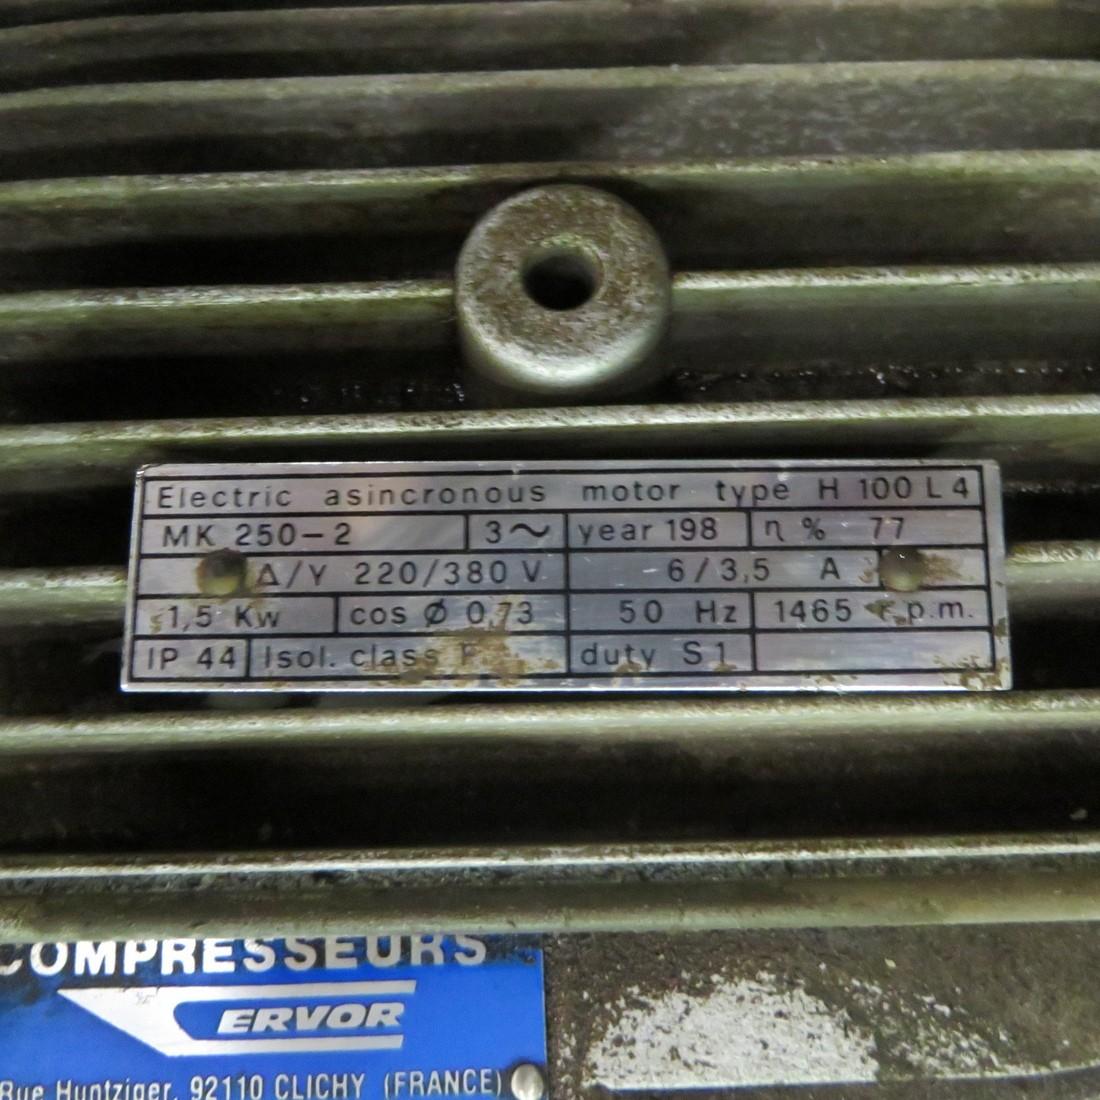 R2C68 ERVOR Compressor - 249 liters/min